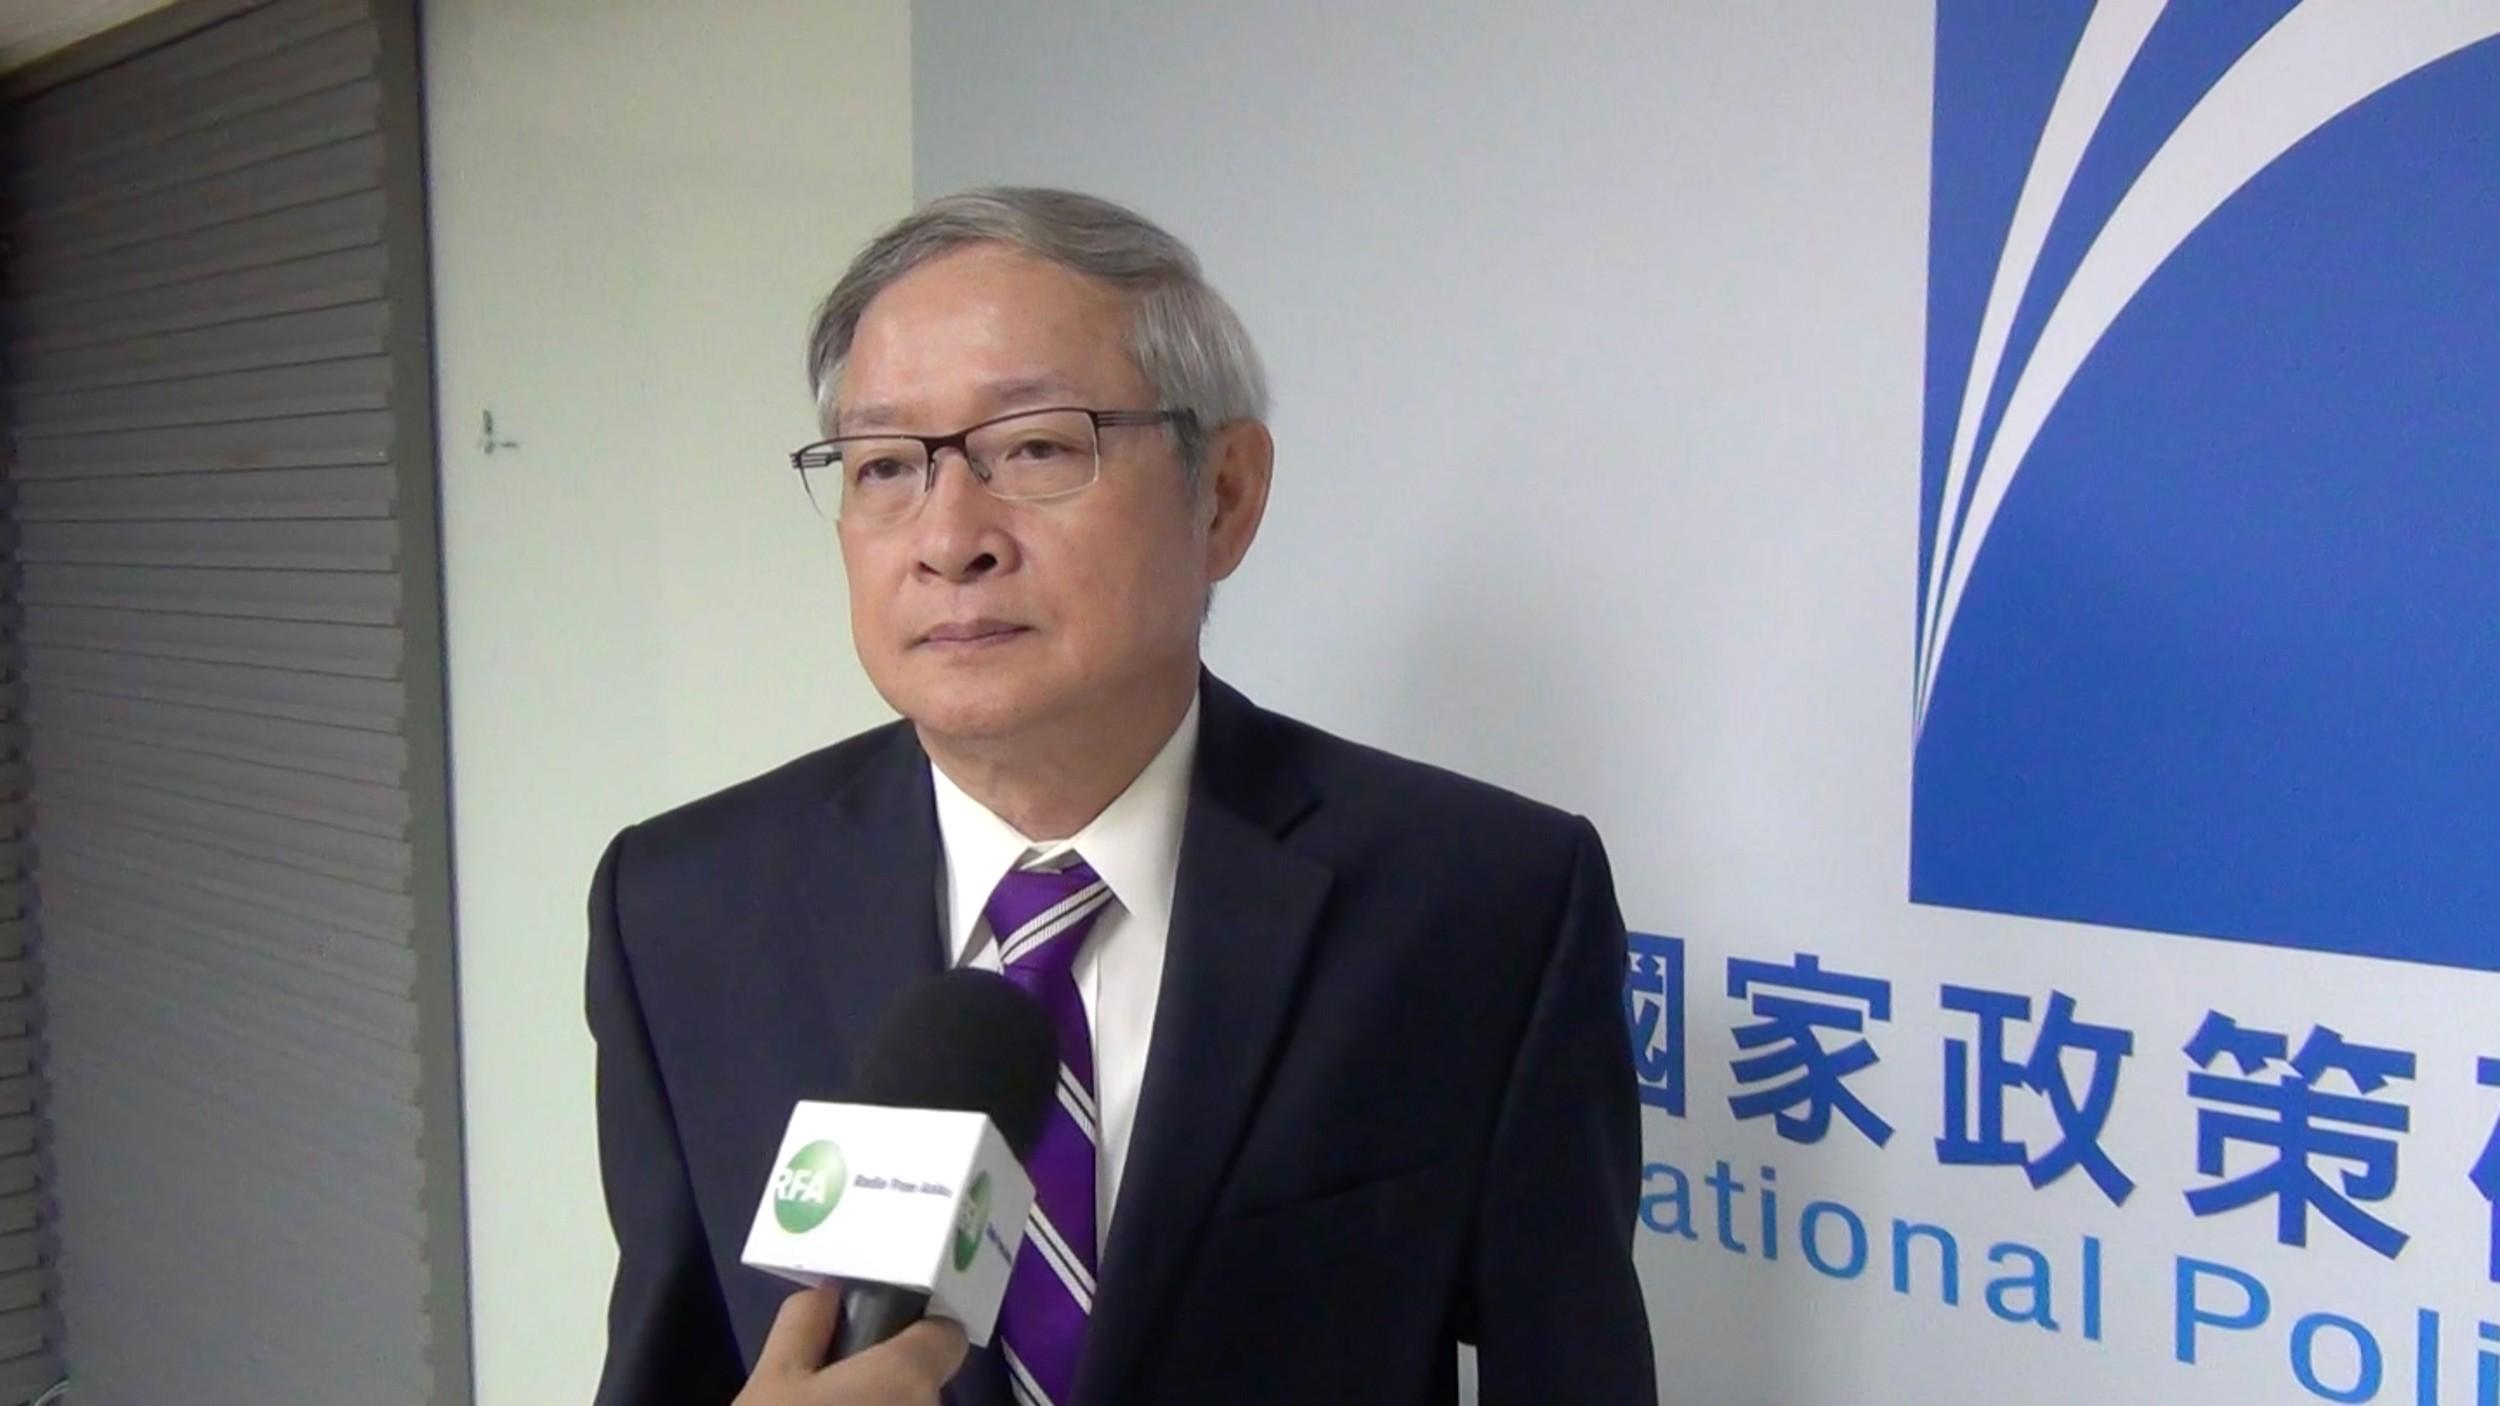 前国民党立法委员林郁方。(资料图/RFA)